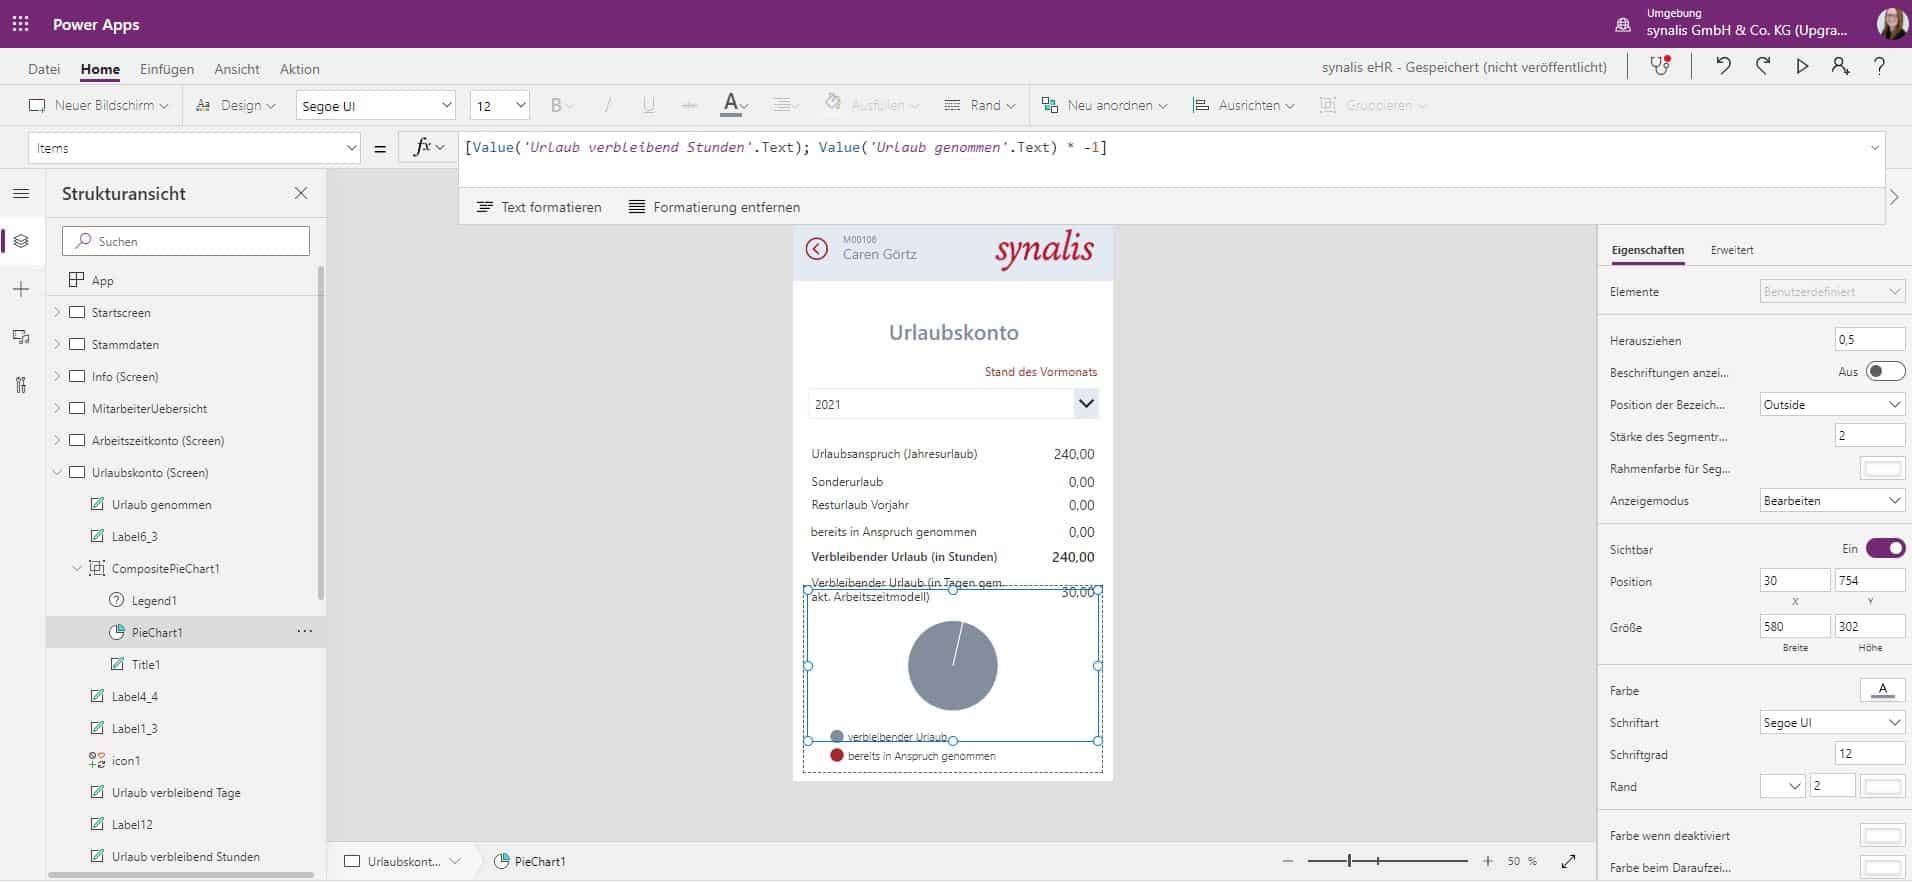 Microsoft Power Apps_HR-App-Urlaubskonto_Backend